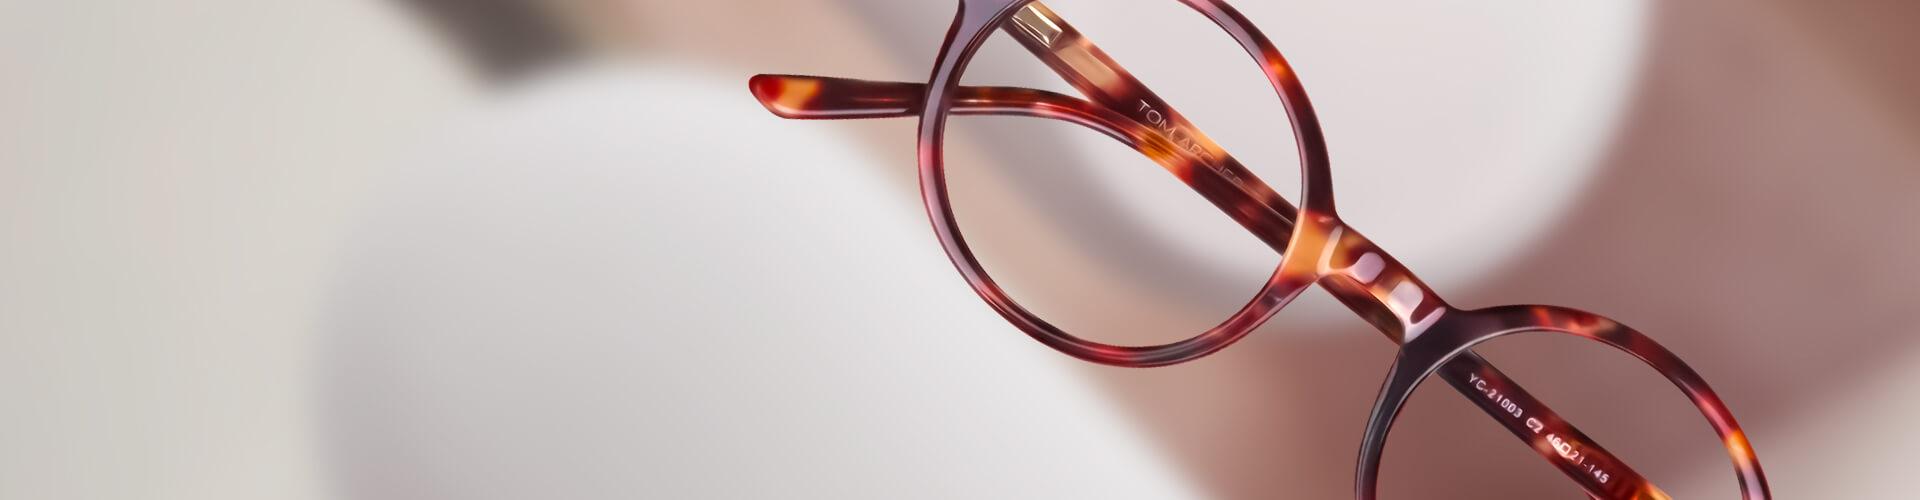 UK Round Glasses